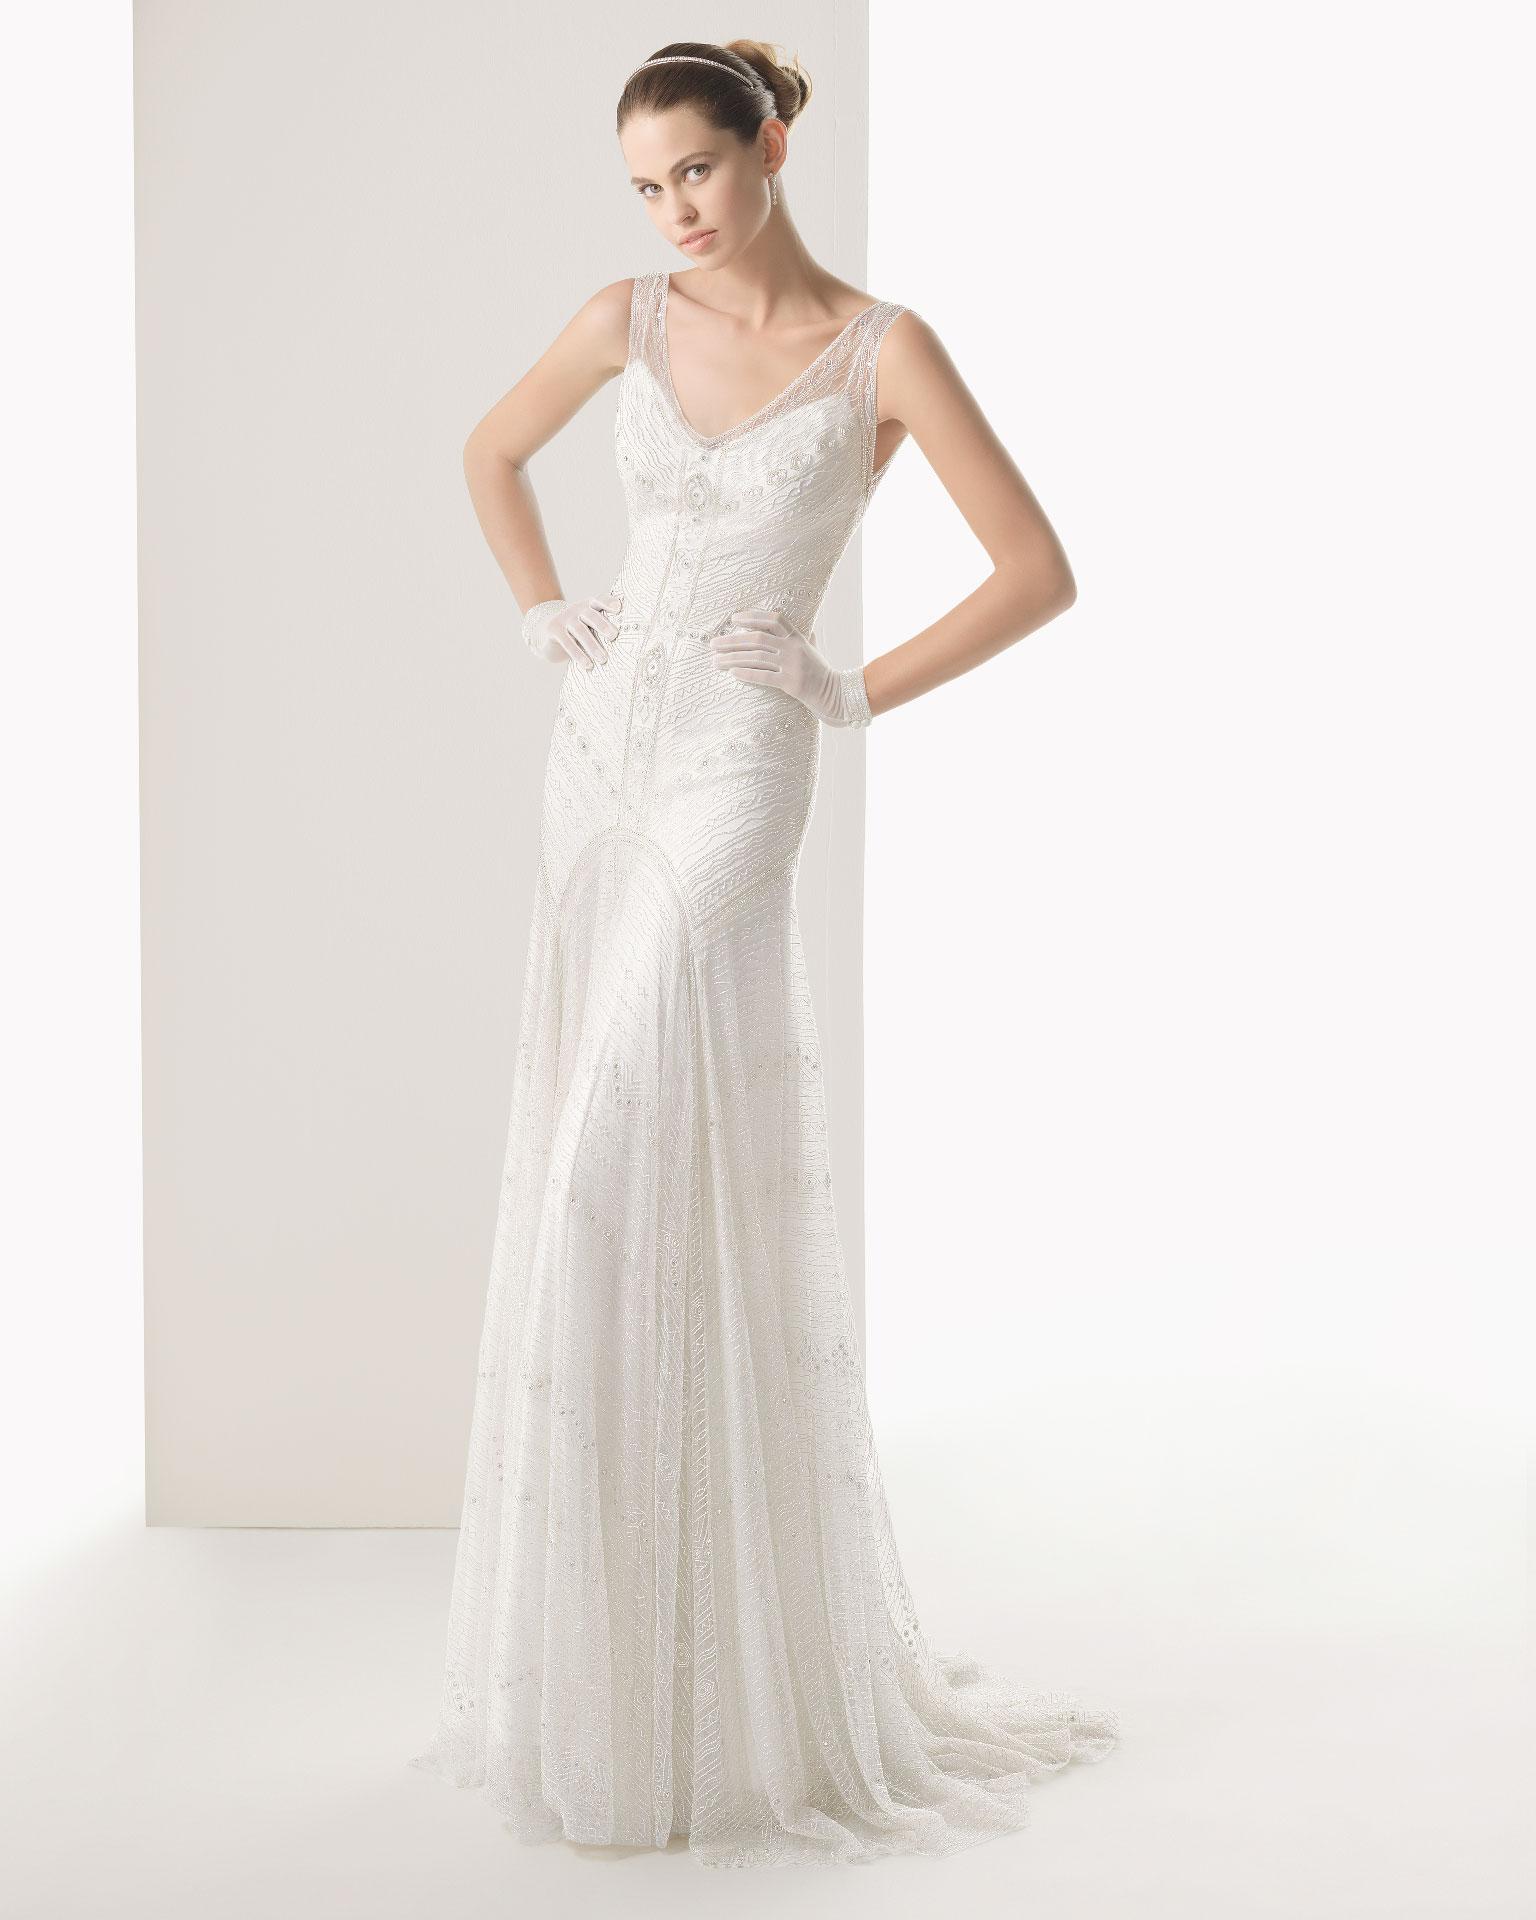 Rosa clara wedding dress 2014 bridal copla for Rosa clara wedding dresses 2014